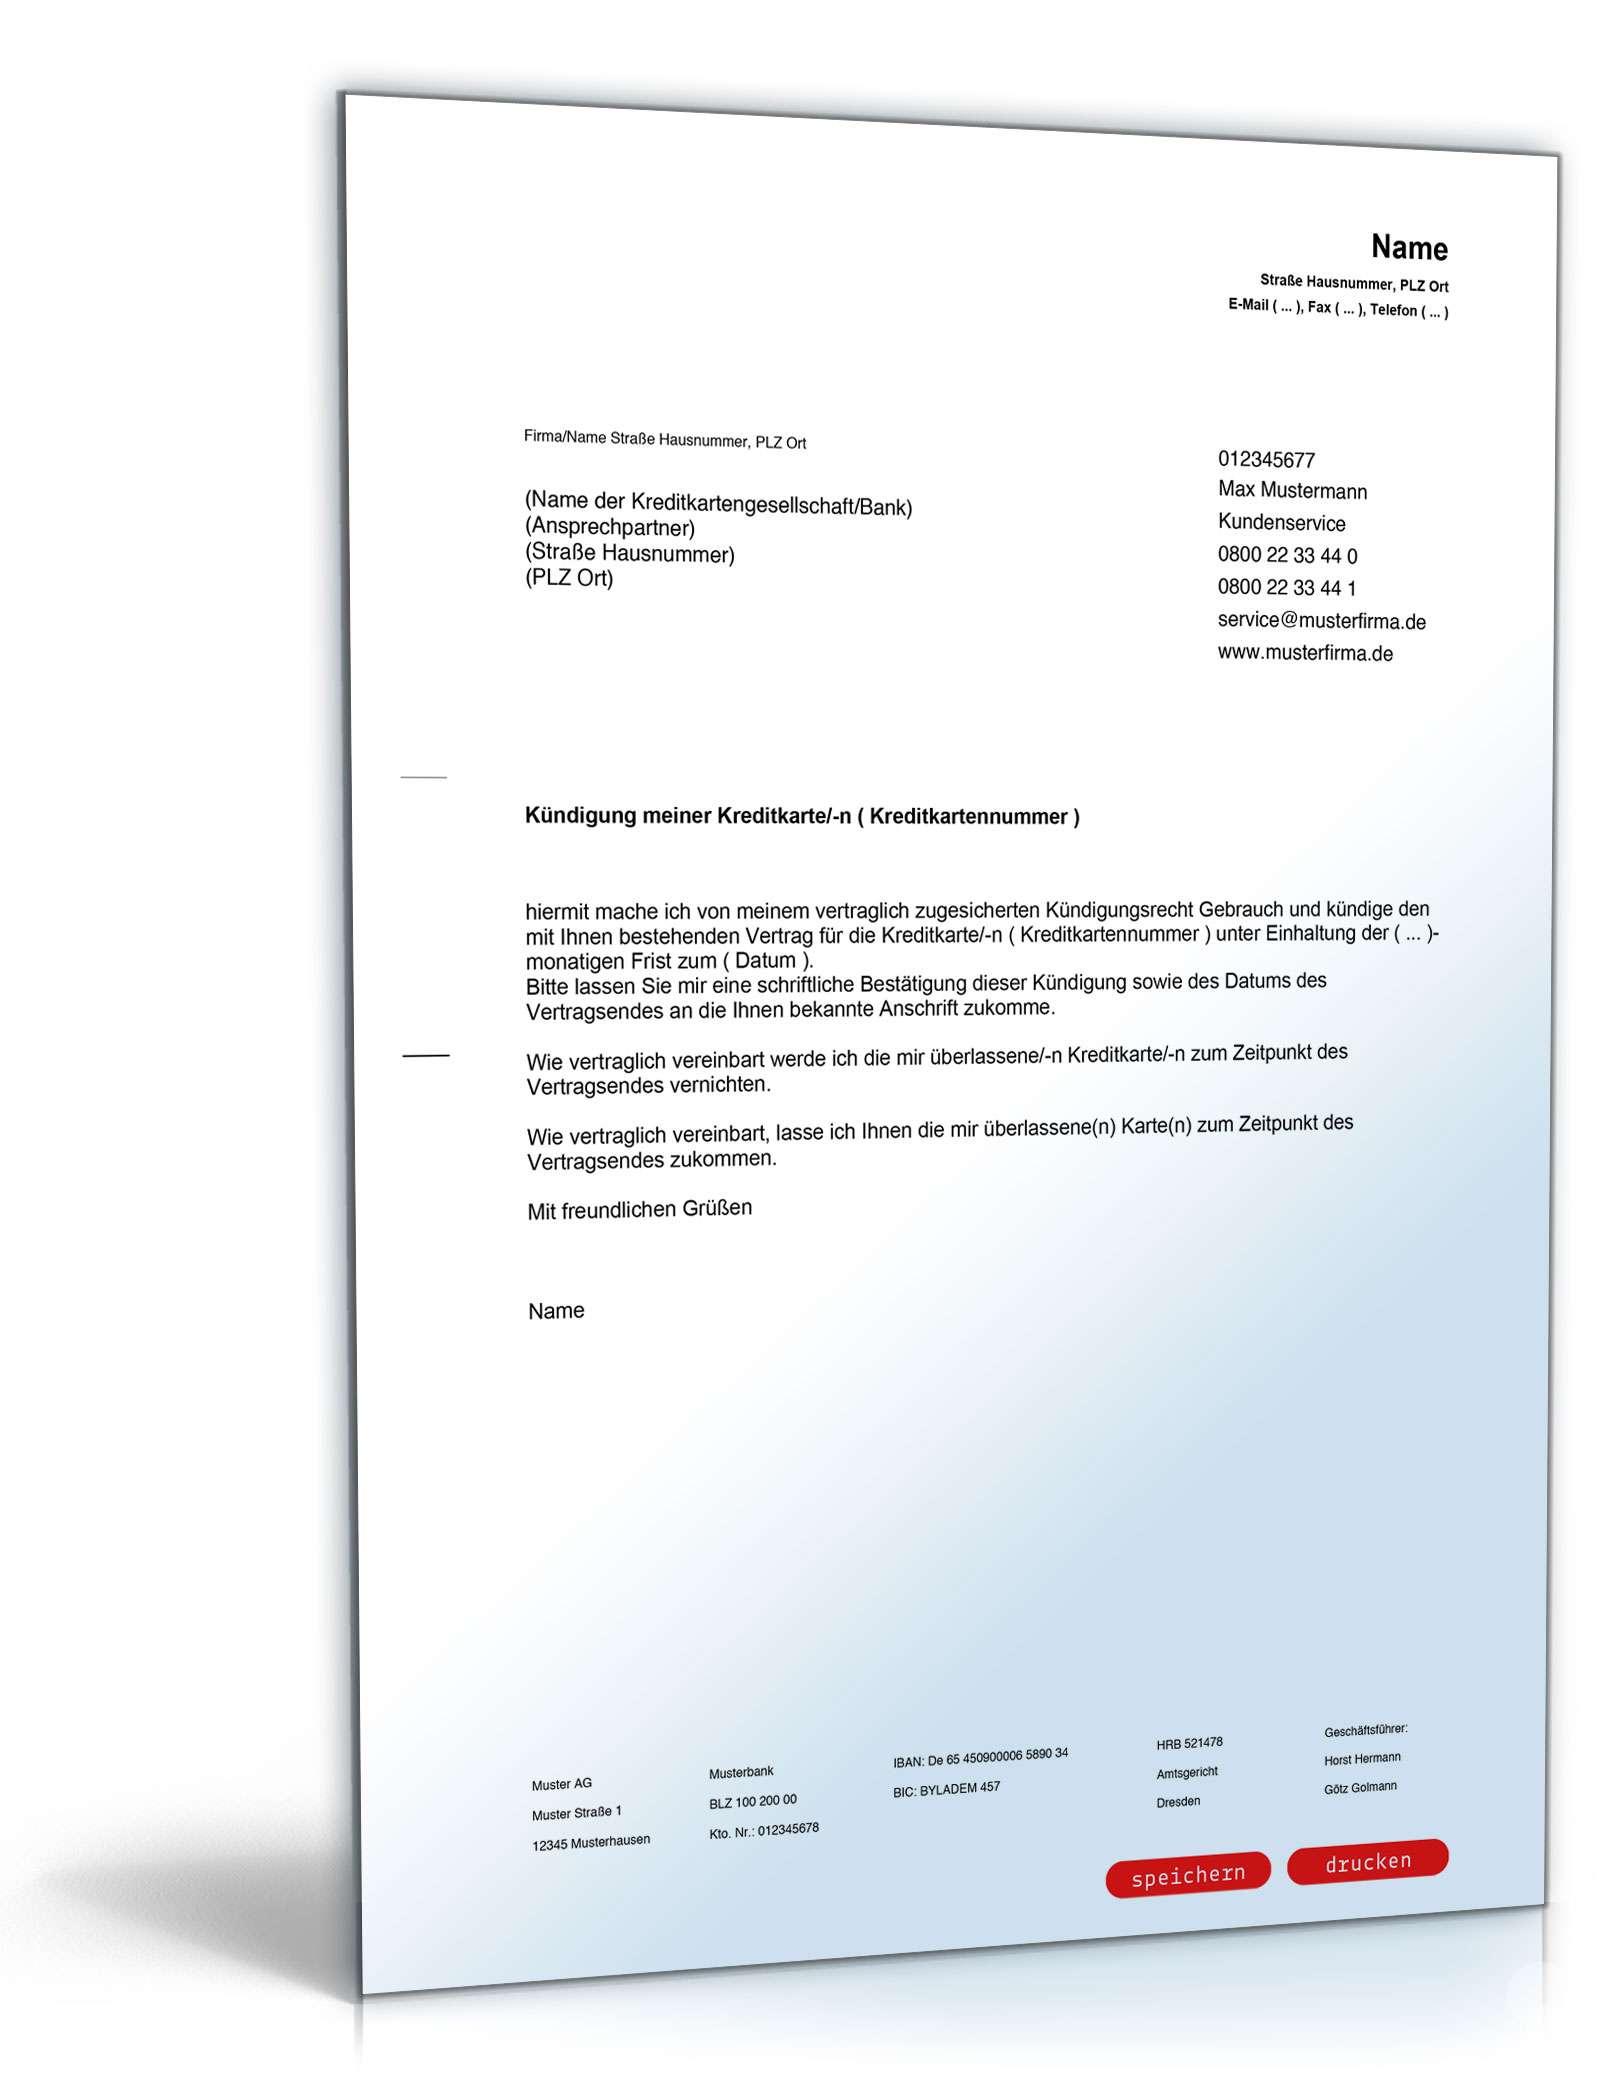 informationen und tipps zum thema lebensversicherung kndigen inklusive muster und vorlage musterbrief schreib der versicherung einfach ab welchen datum - Kundigung Lebensversicherung Muster